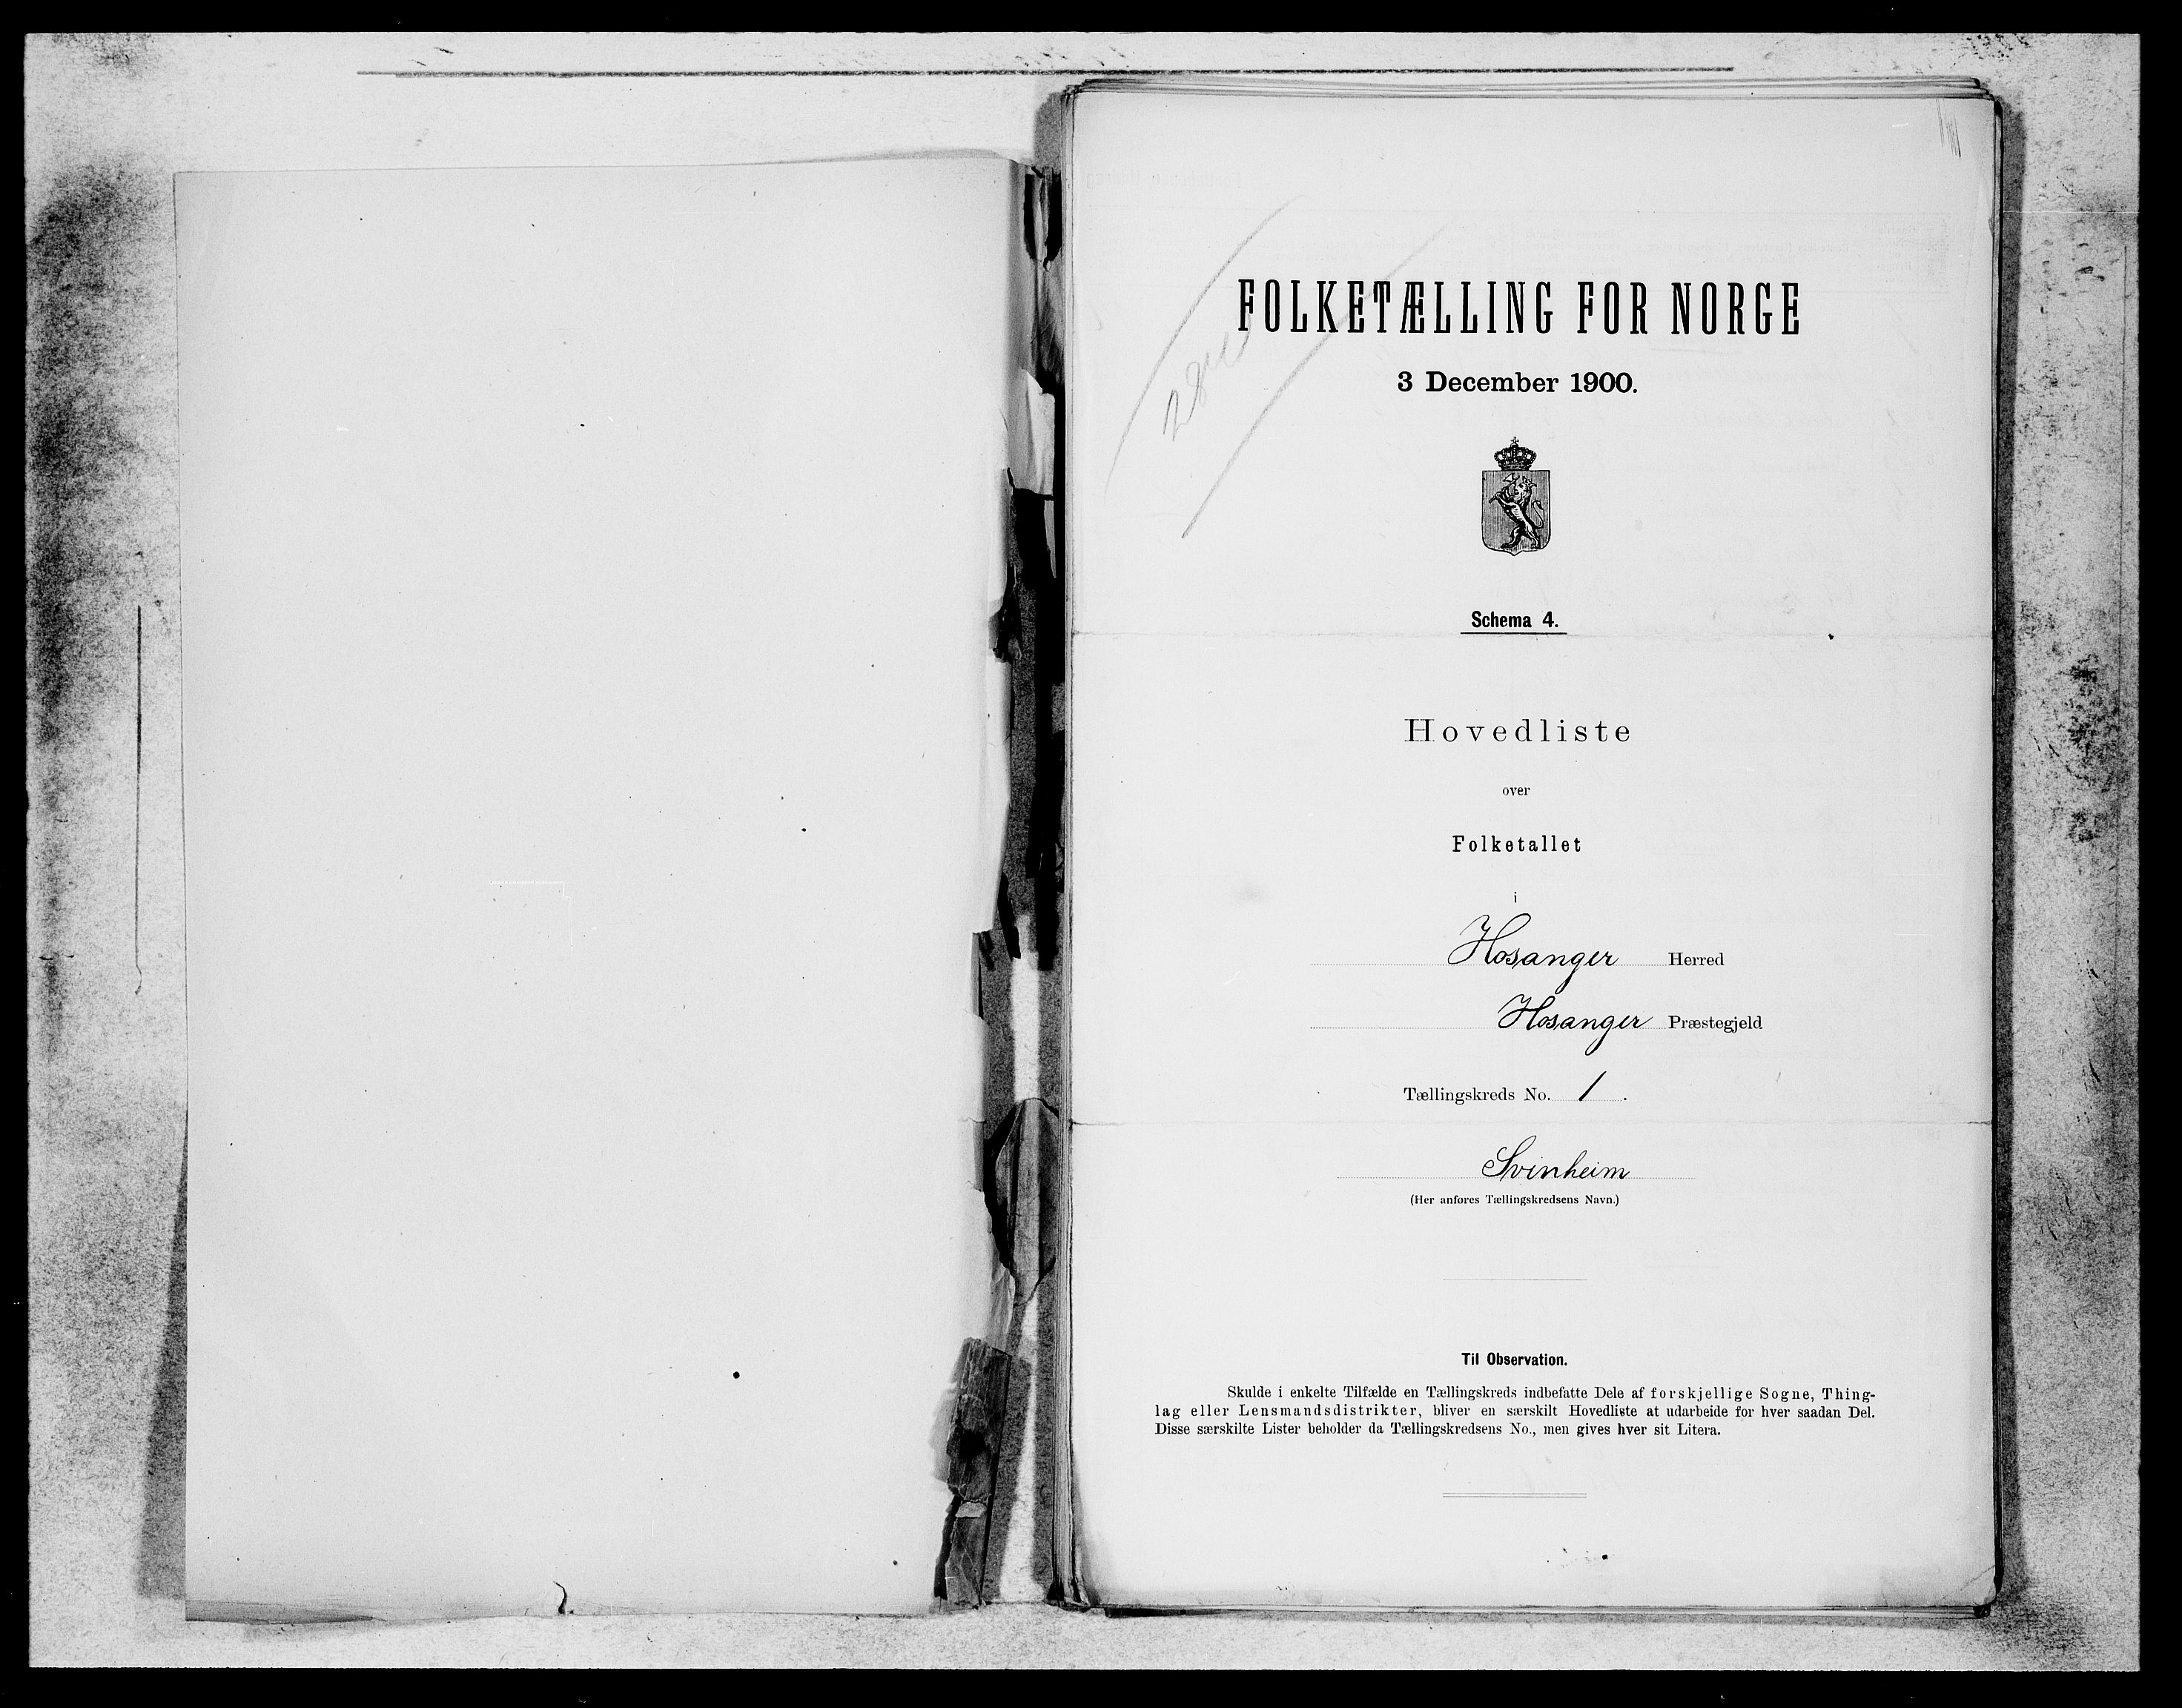 SAB, Folketelling 1900 for 1253 Hosanger herred, 1900, s. 1